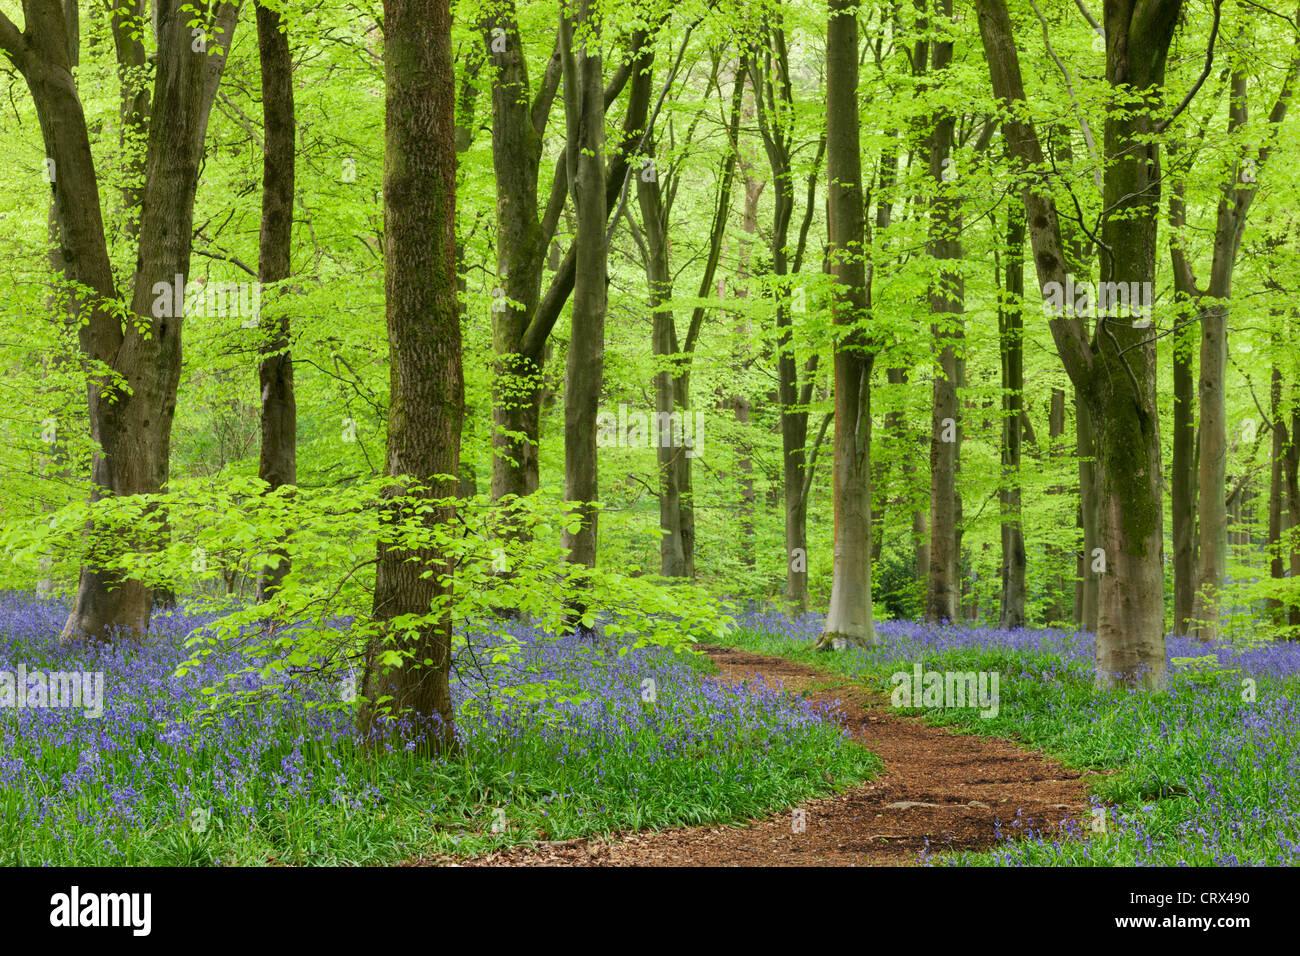 Bluebell un tappeto in un bosco di faggio, West boschi, Wiltshire, Inghilterra. Molla (Maggio 2012). Immagini Stock